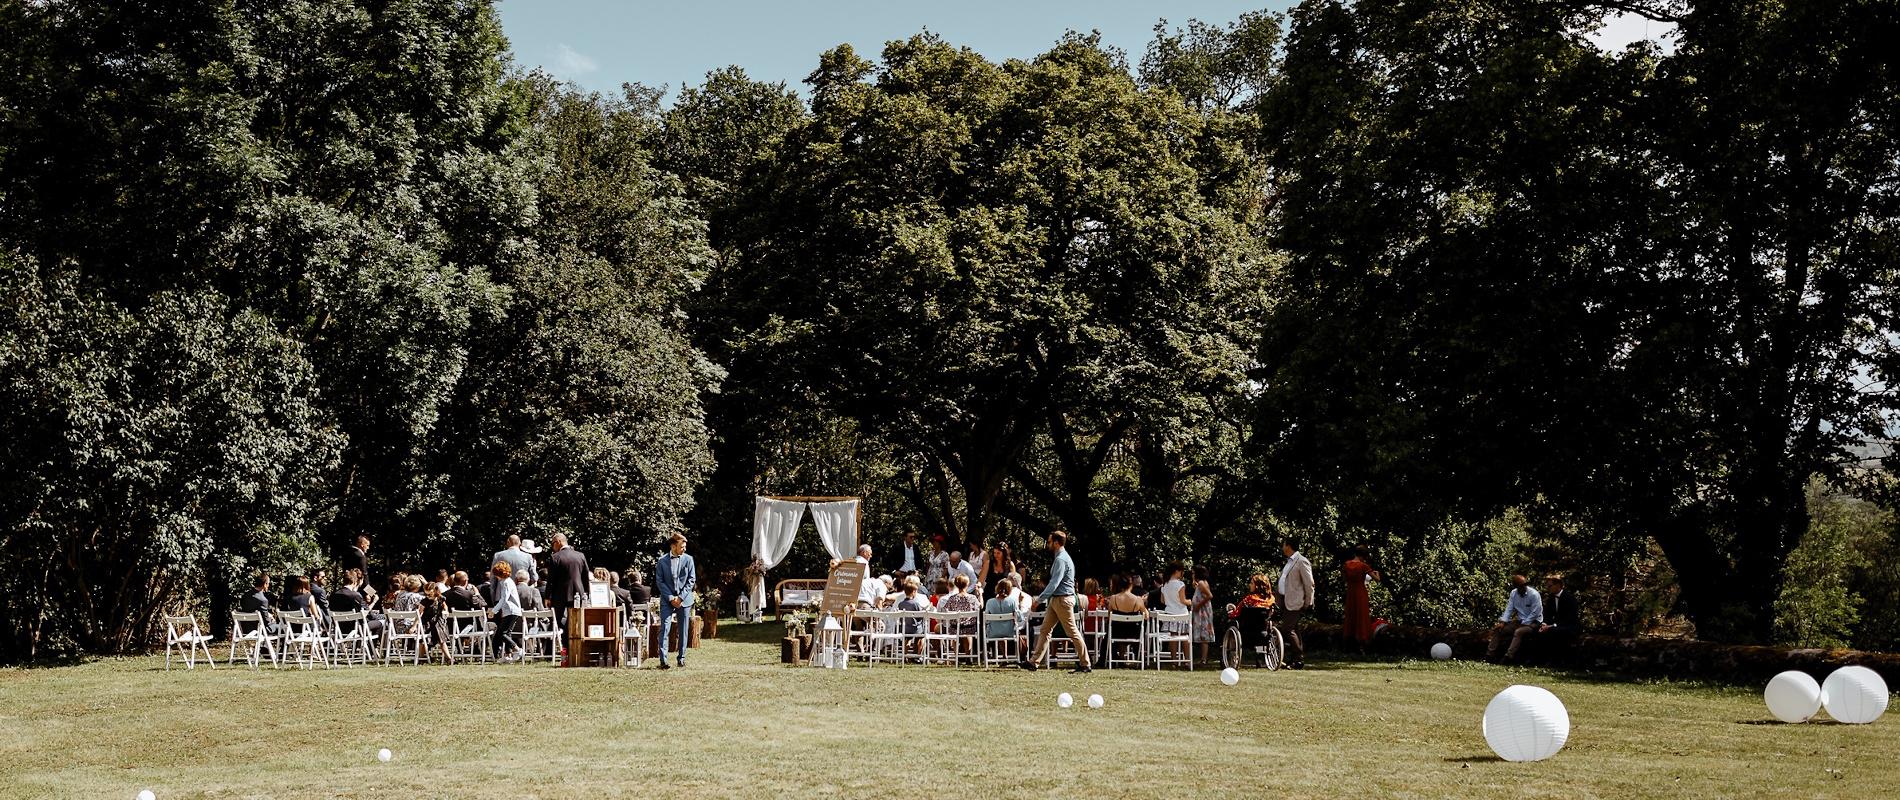 Photo d'une cérémonie laique organisée en extérieur, lors d'un mariage champêtre au château de Bois Rigaud dans le Puy-de-Dôme